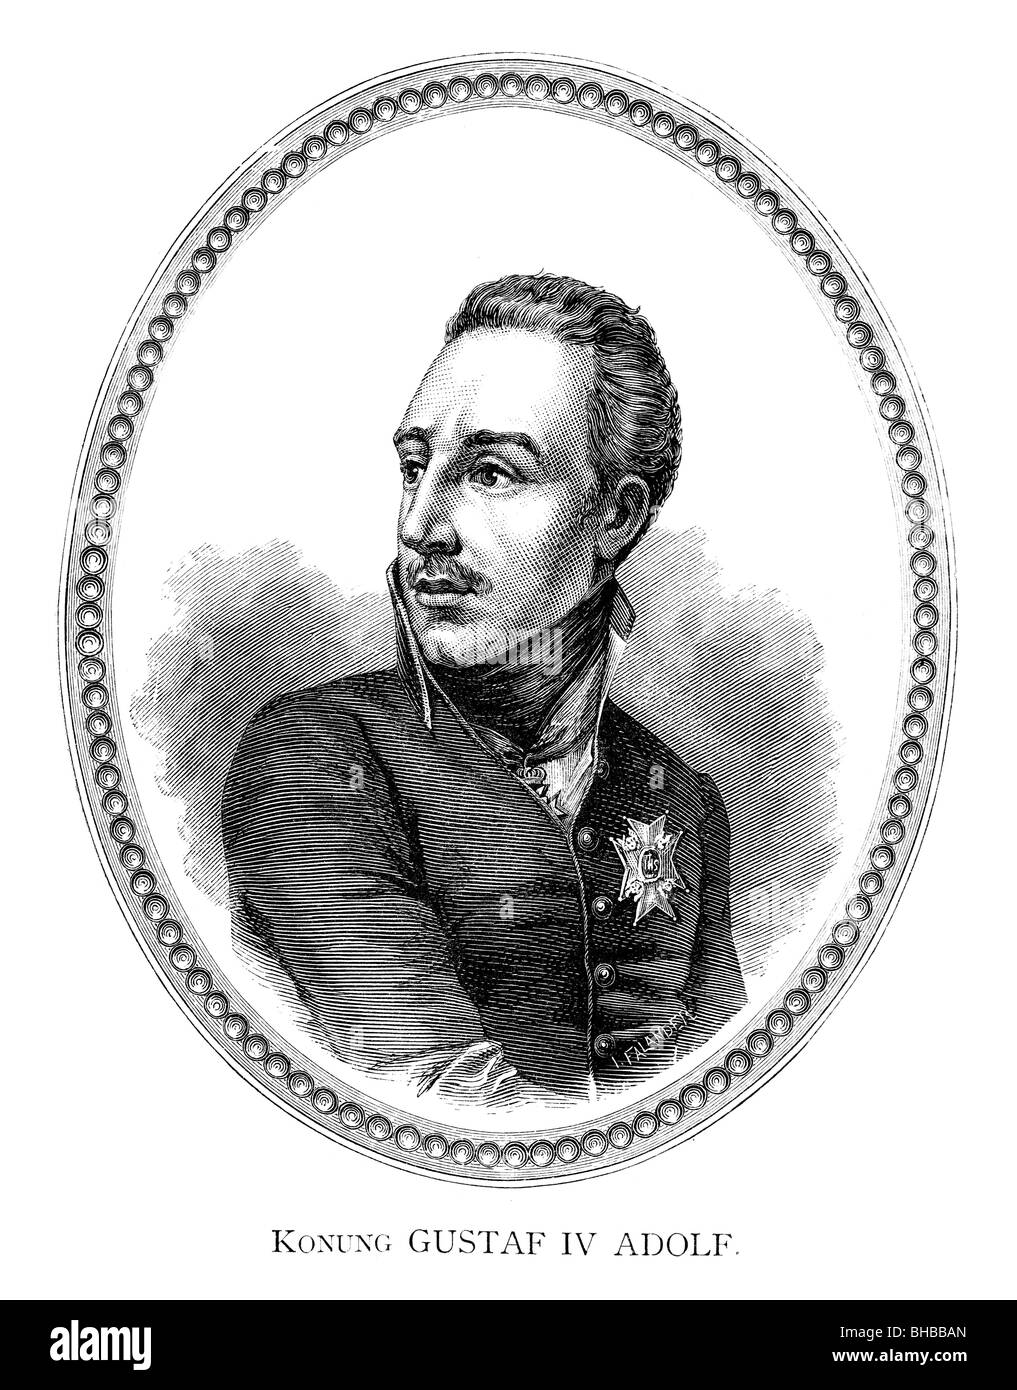 Gustav IV Adolf - Stock Image